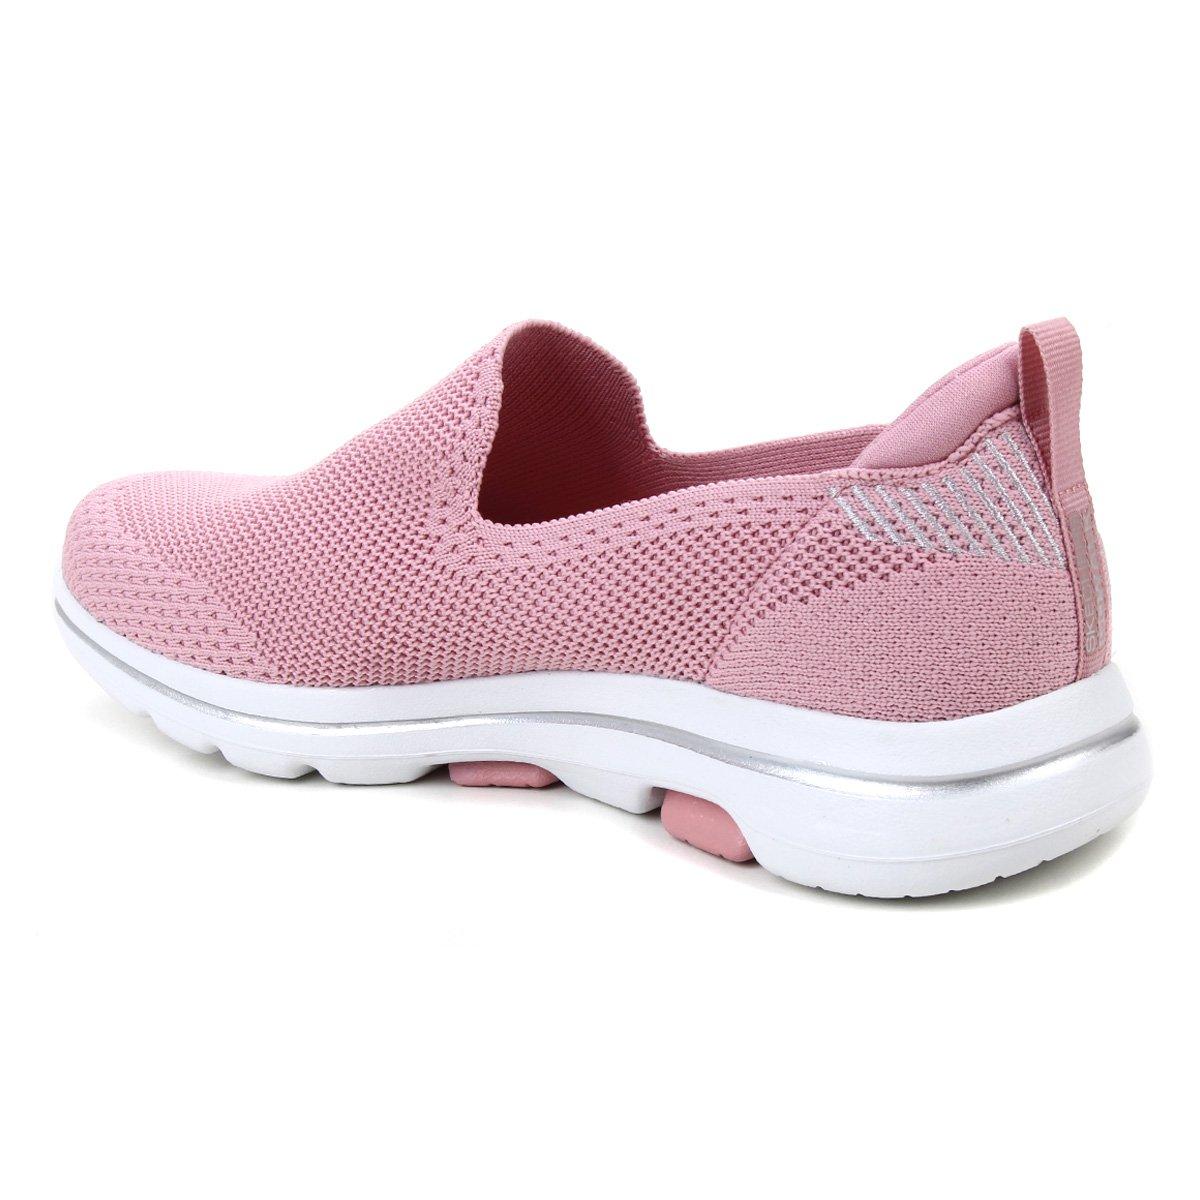 Tênis Skechers Go Walk 5 Prized rosa claro